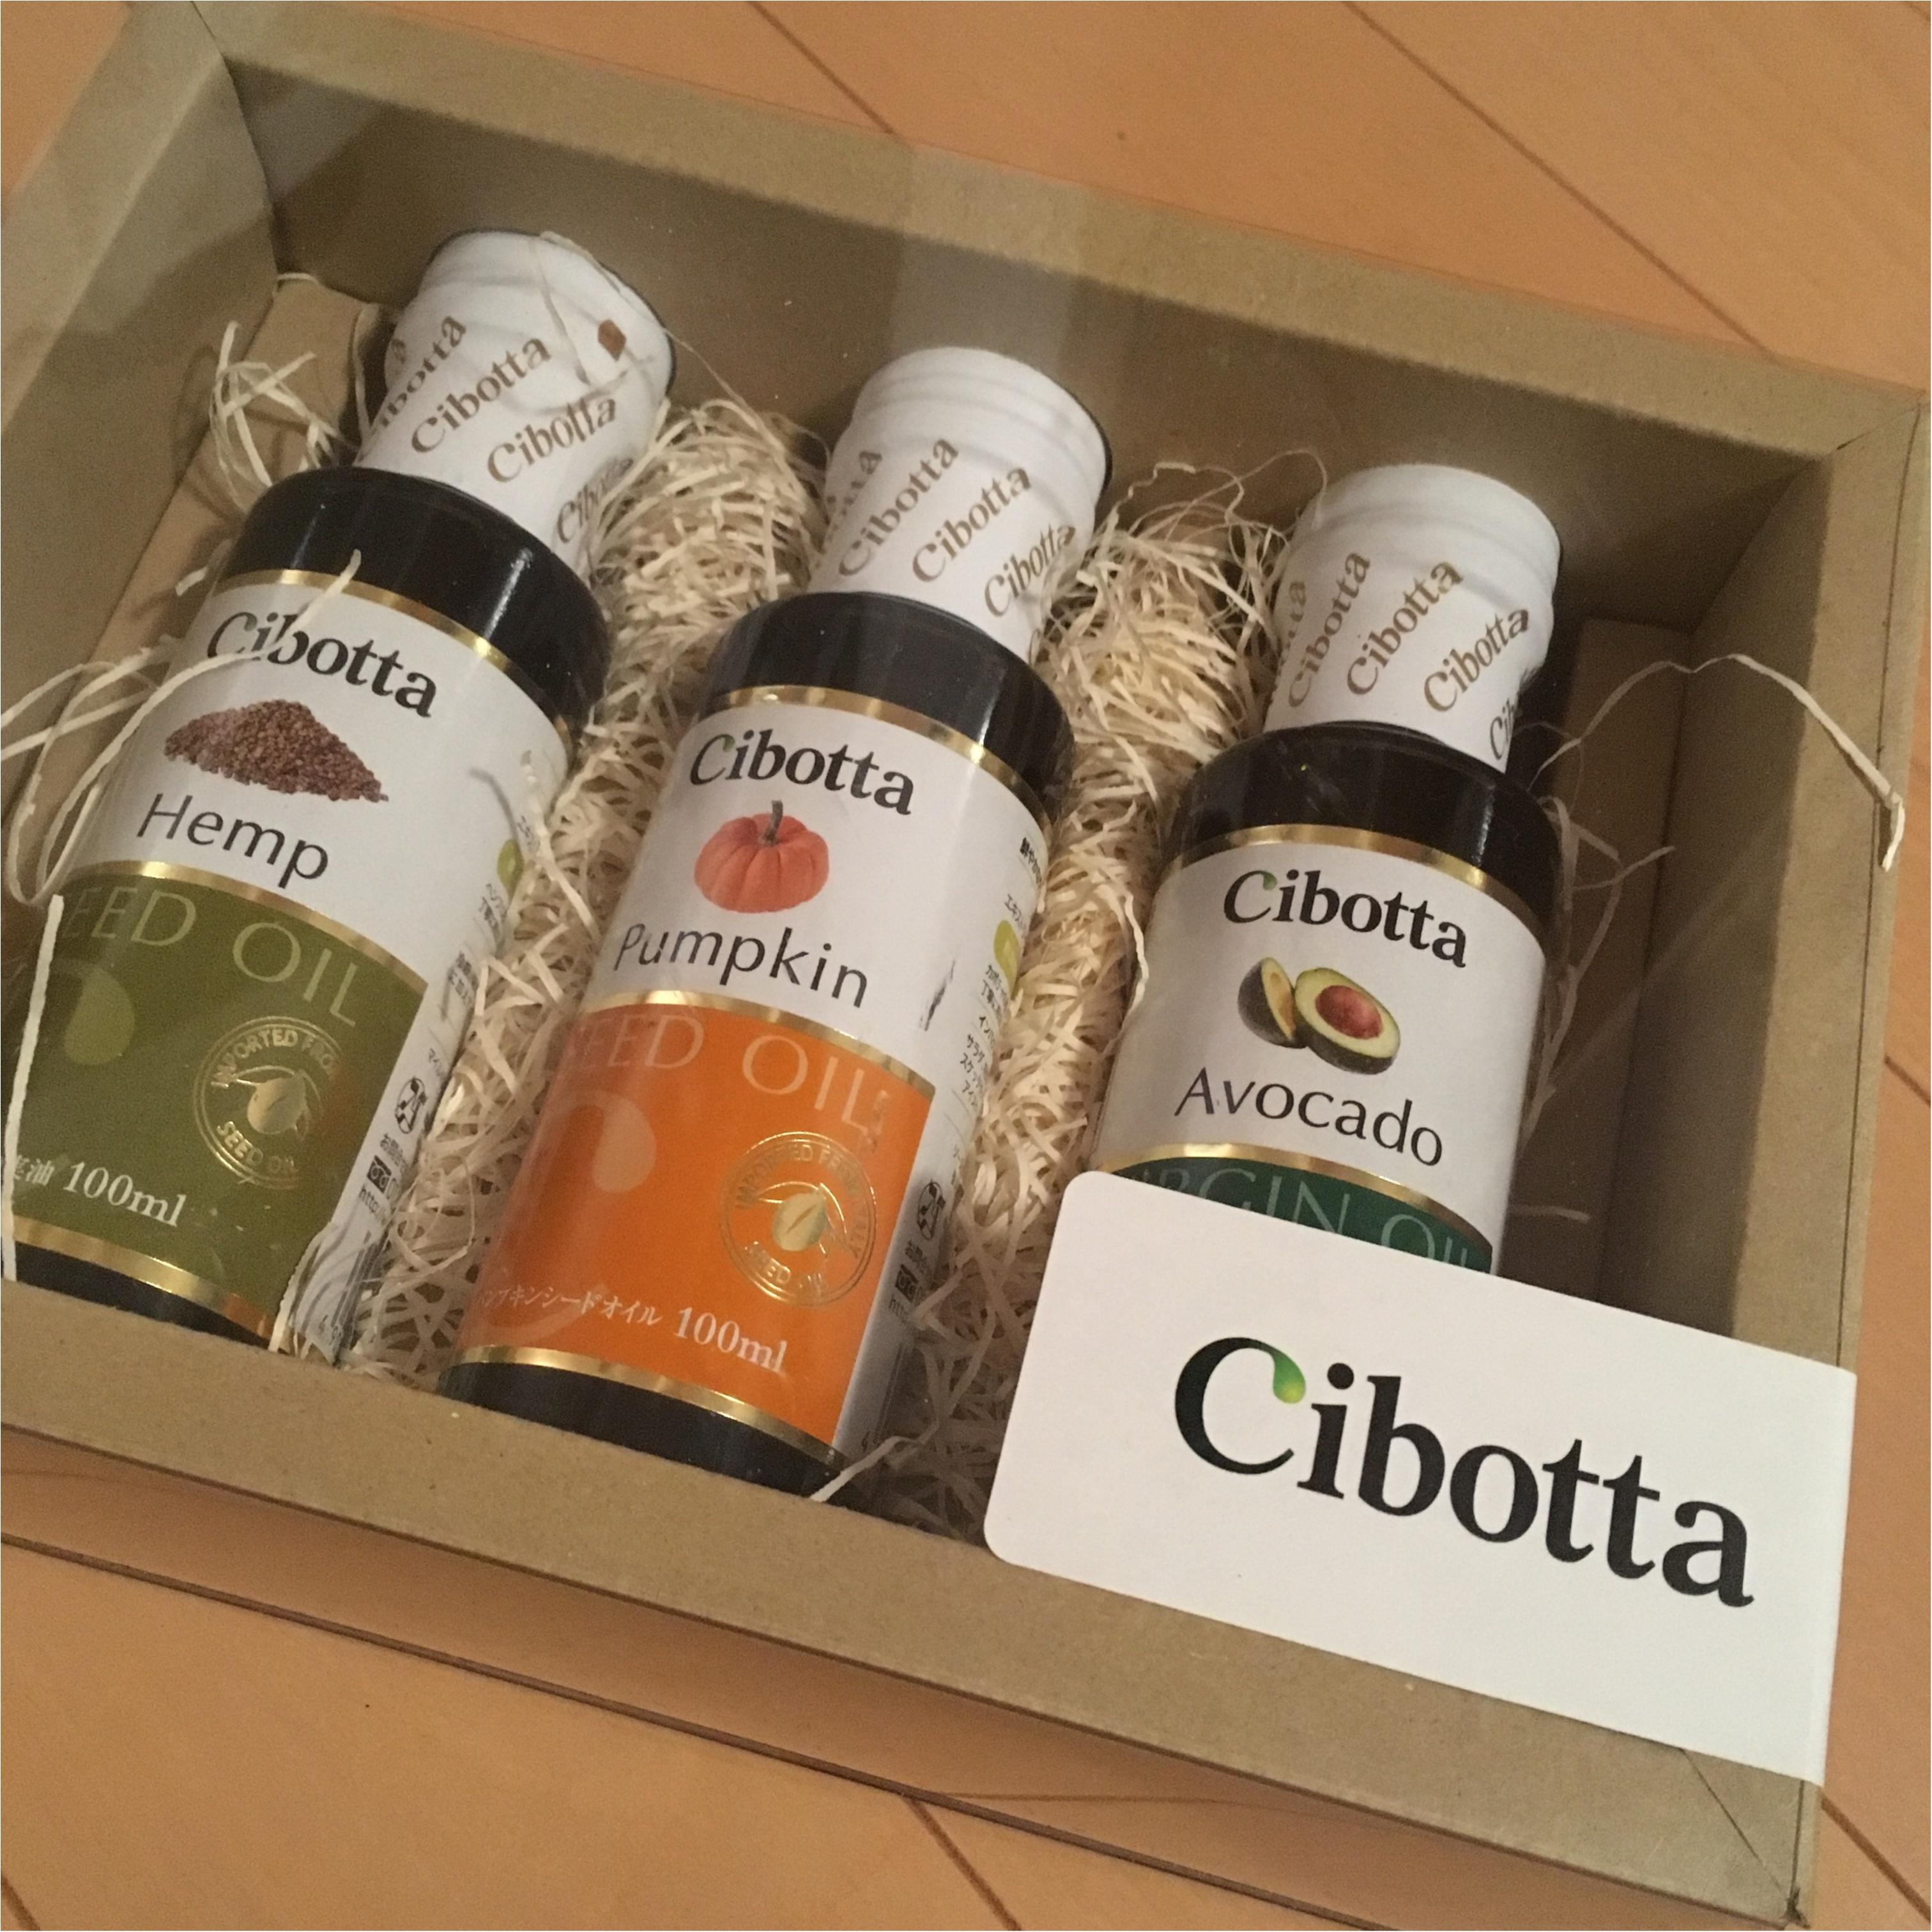 【美と健康とダイエットの味方!】注目のCibotta(チボッタ)の●●●オイルで手作りグラノーラとクリスマスサラダ_1